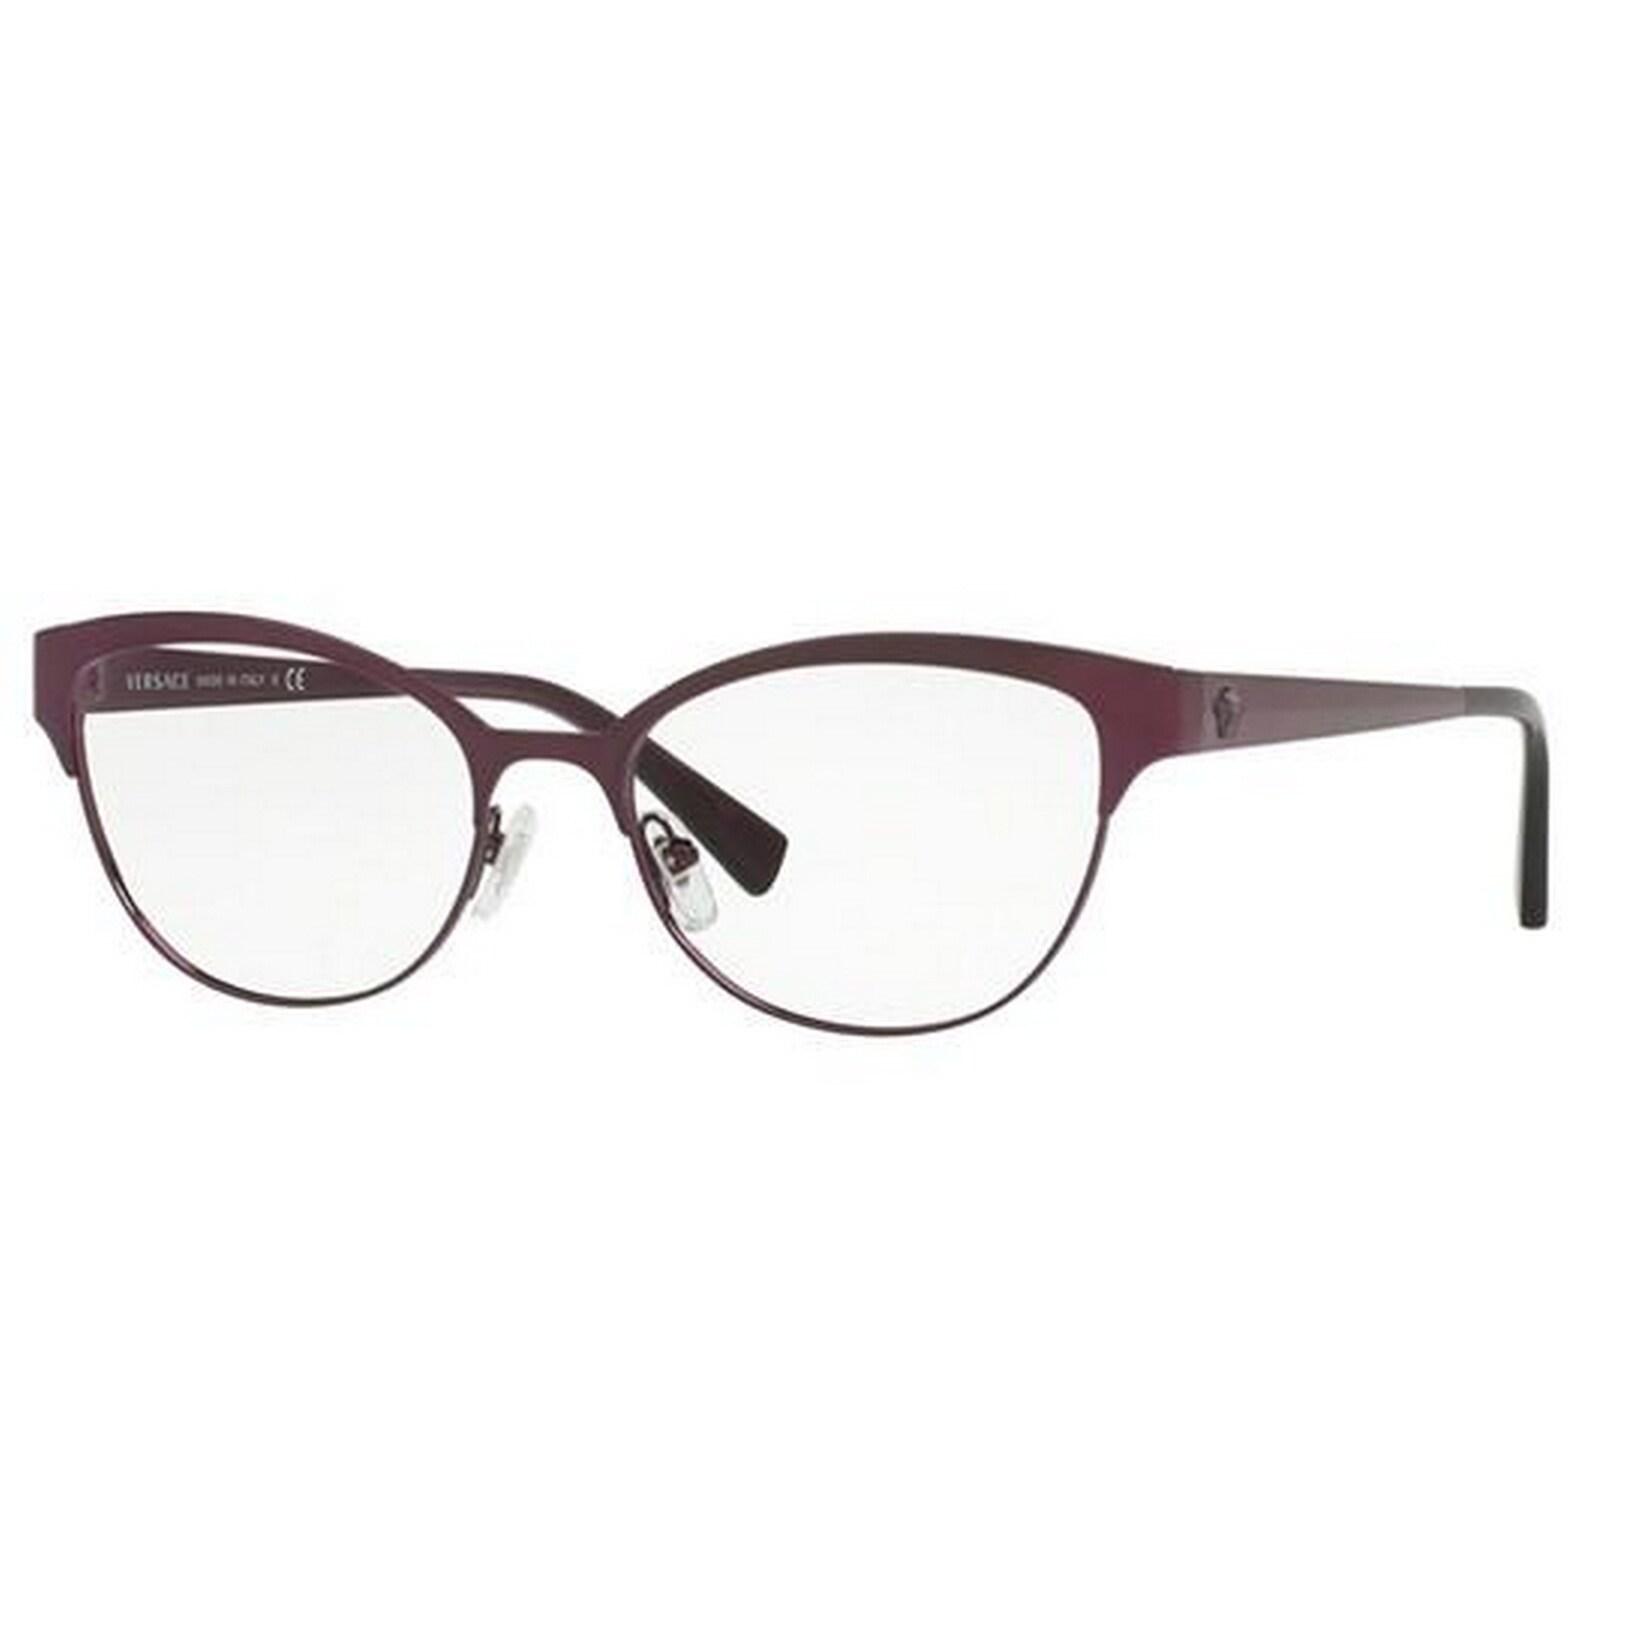 34966441f666 Versace Women s VE1240 1397 53 Oval Metal Purple Clear Eyeglasses